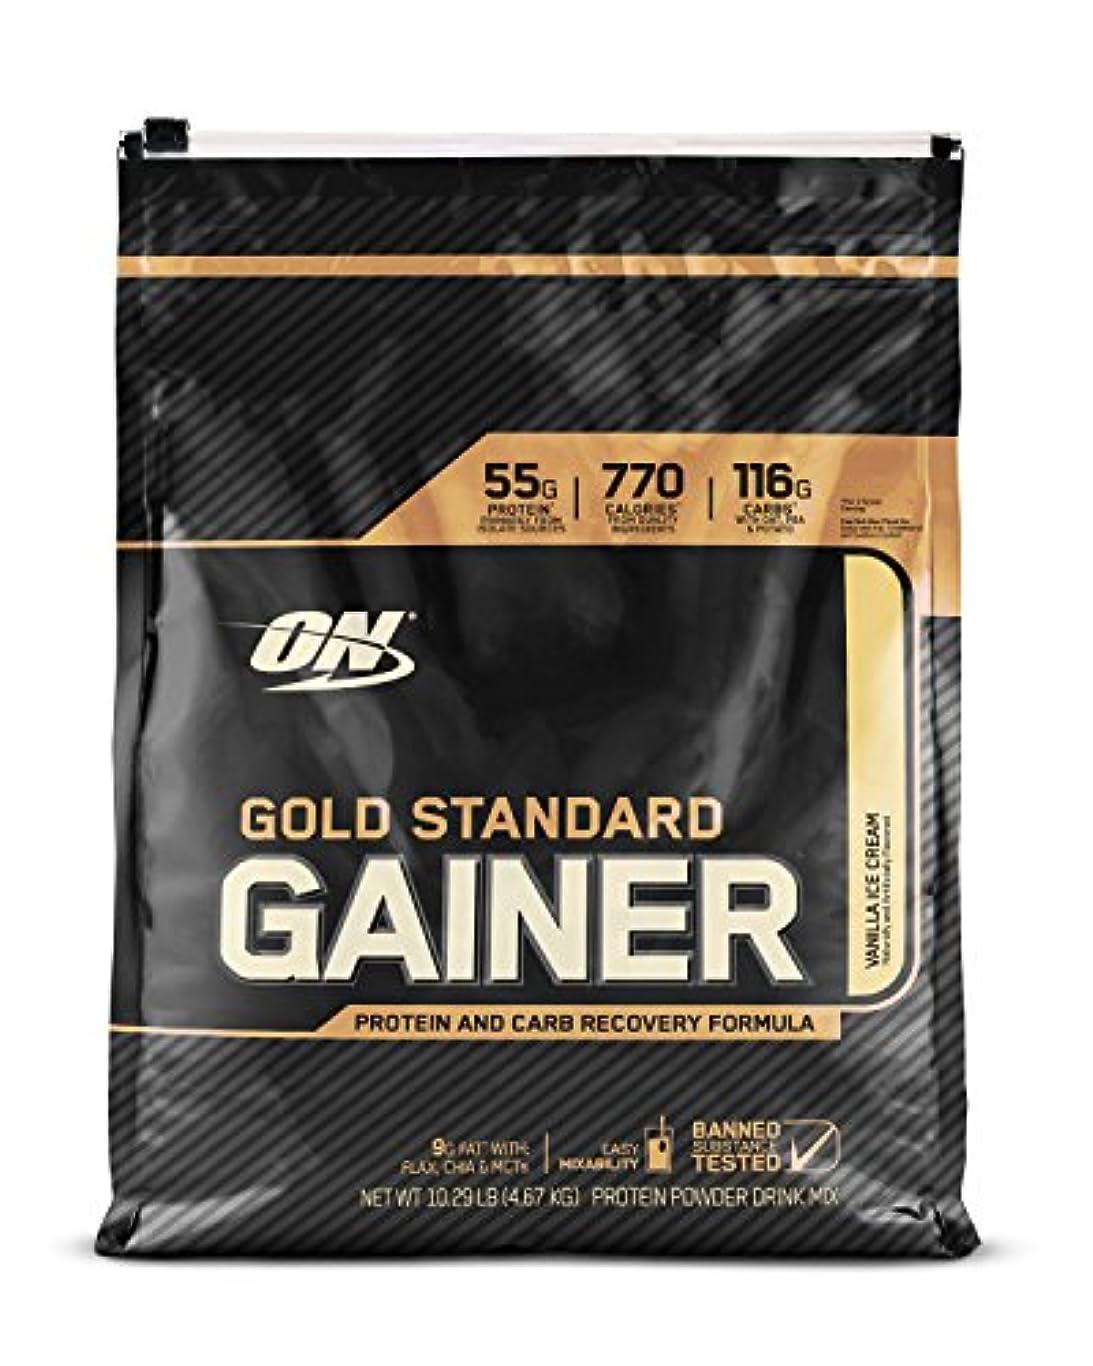 キャメル既に遮るゴールドスタンダード ゲイナー 10LB バニラアイスクリーム (Gold Standard Gainer 10LB Vanilla Ice Cream) [海外直送品] [並行輸入品]